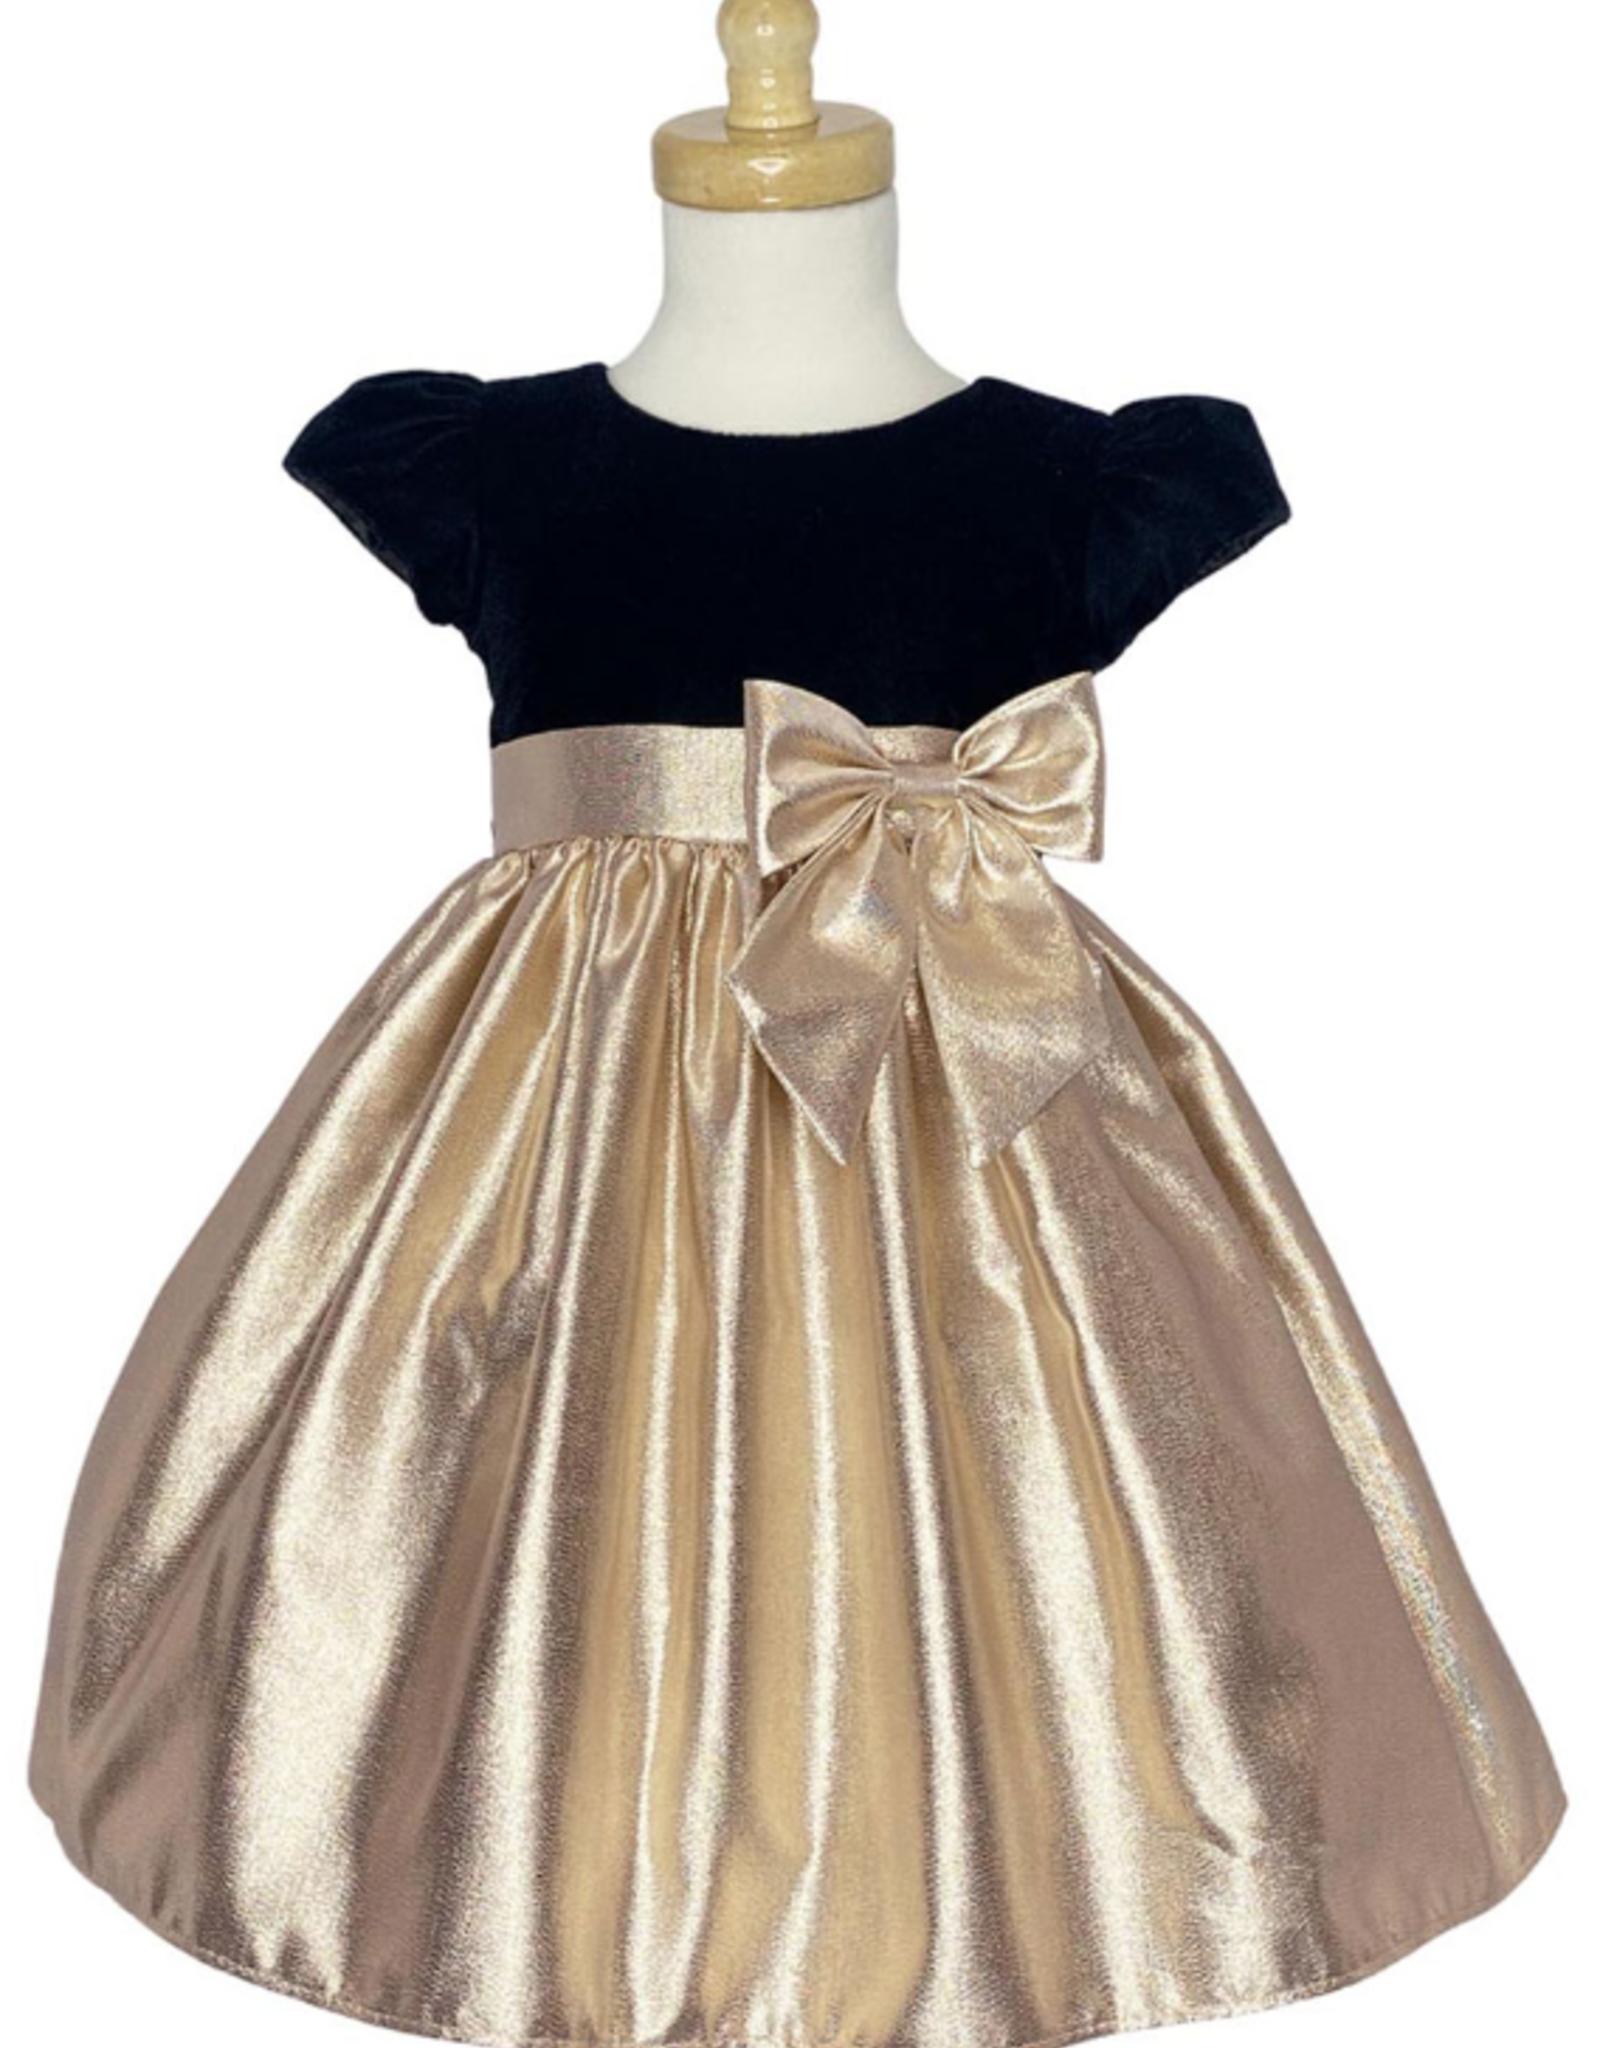 Gold Velvet & Metallic Dress Tod